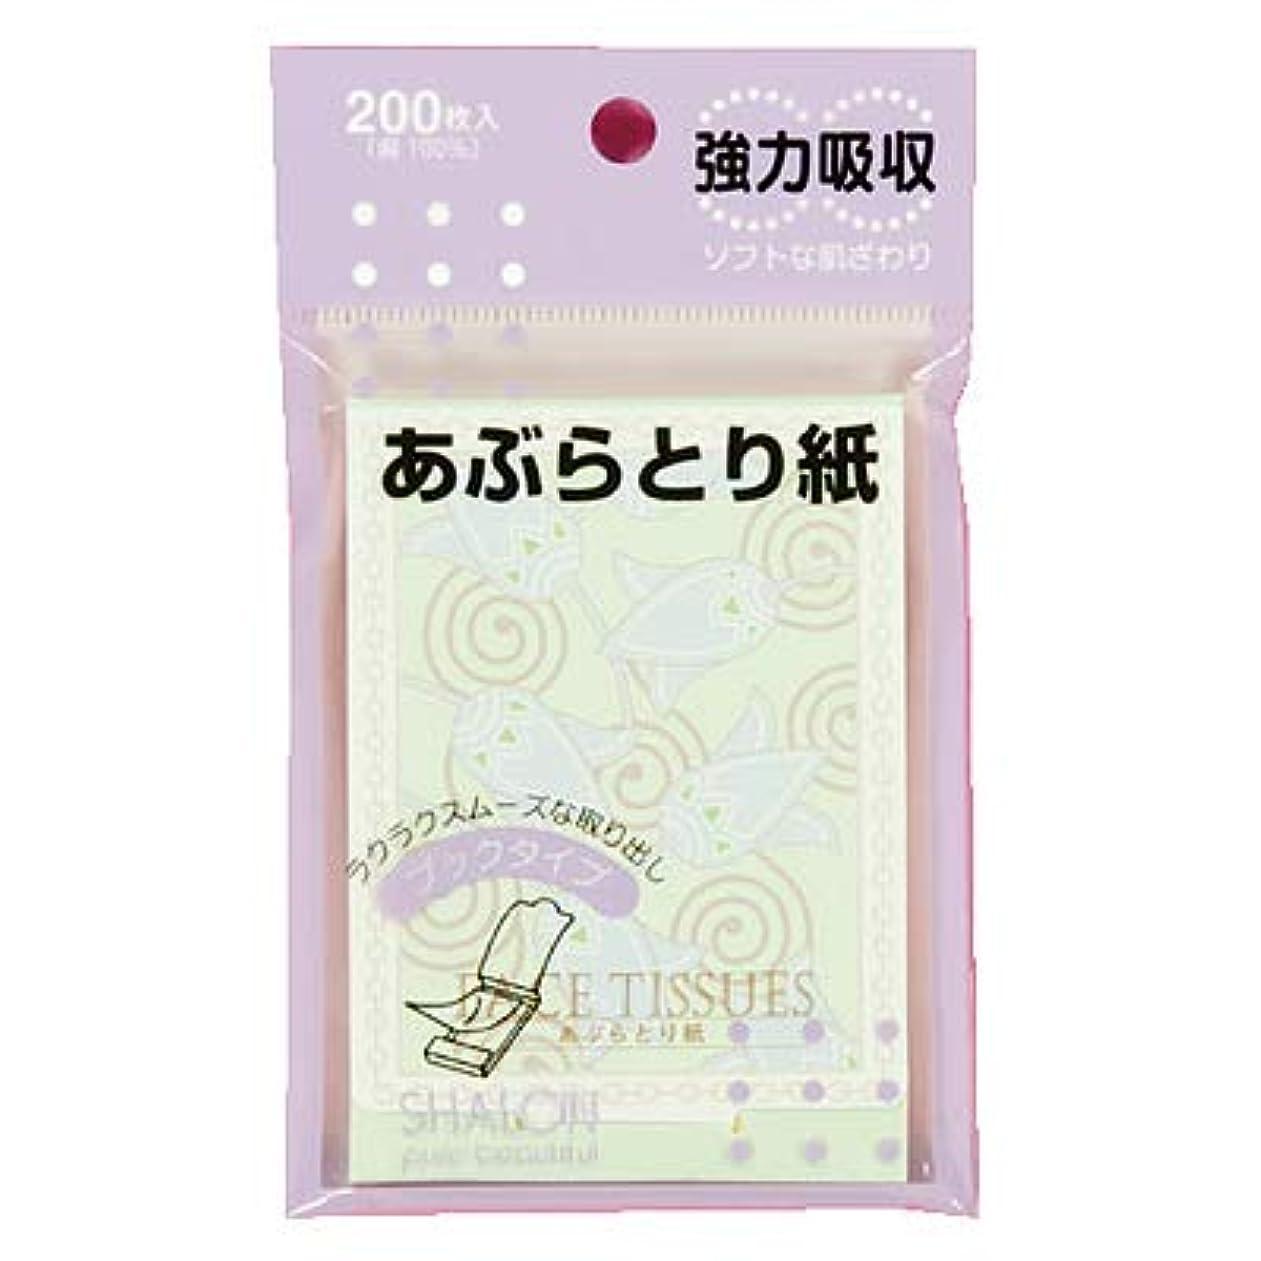 間接的配分シミュレートする強力吸収 あぶらとり紙 ブックタイプ (200枚入)